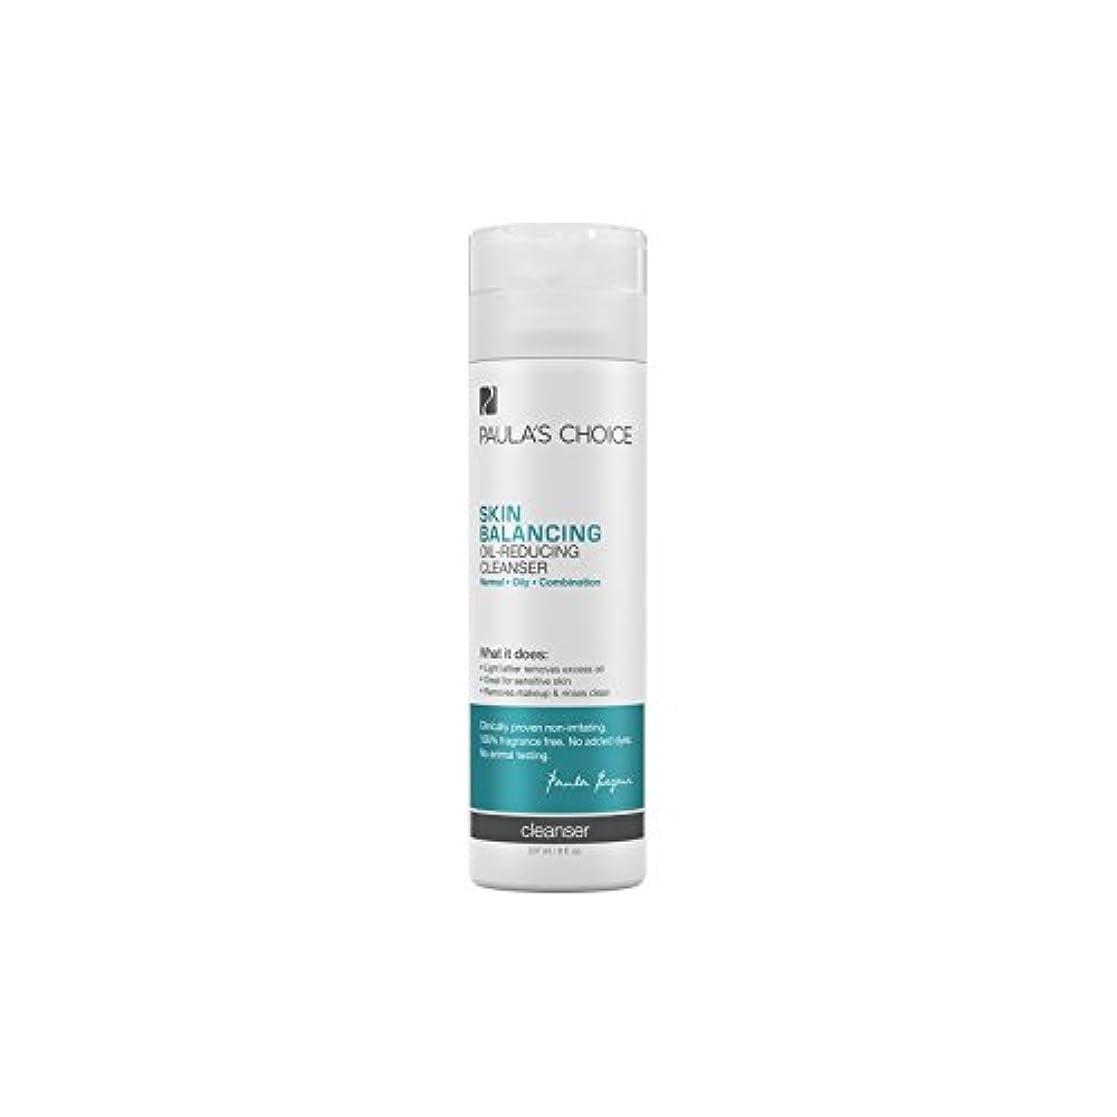 予定ところで肉のポーラチョイスの肌のバランスオイル低減クレンザー(237ミリリットル) x4 - Paula's Choice Skin Balancing Oil-Reducing Cleanser (237ml) (Pack of...